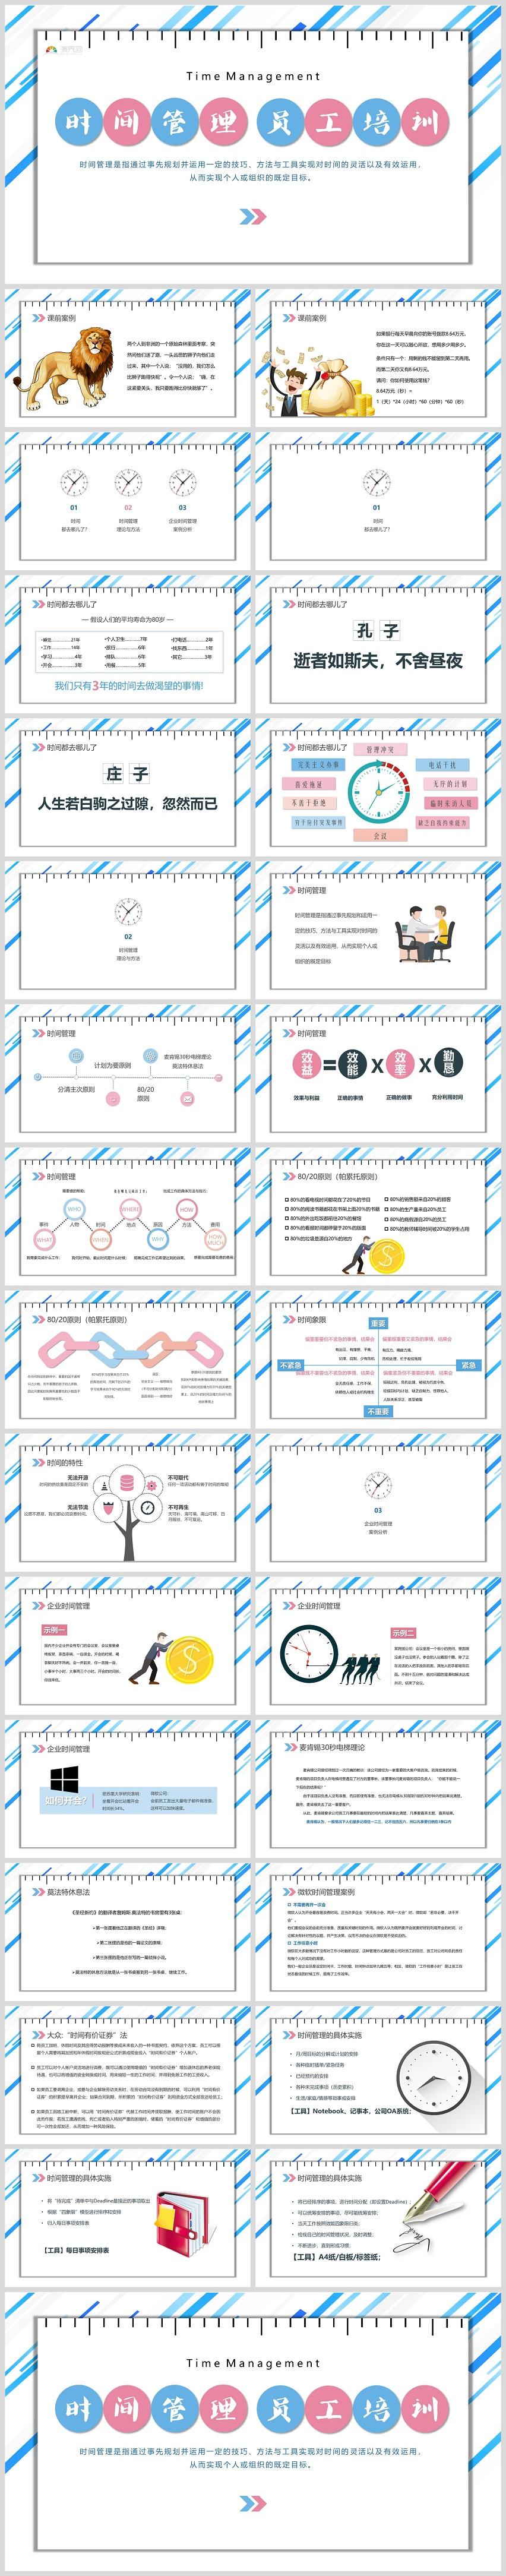 抽象艺术设计时间管理企业员工培训PPT模板